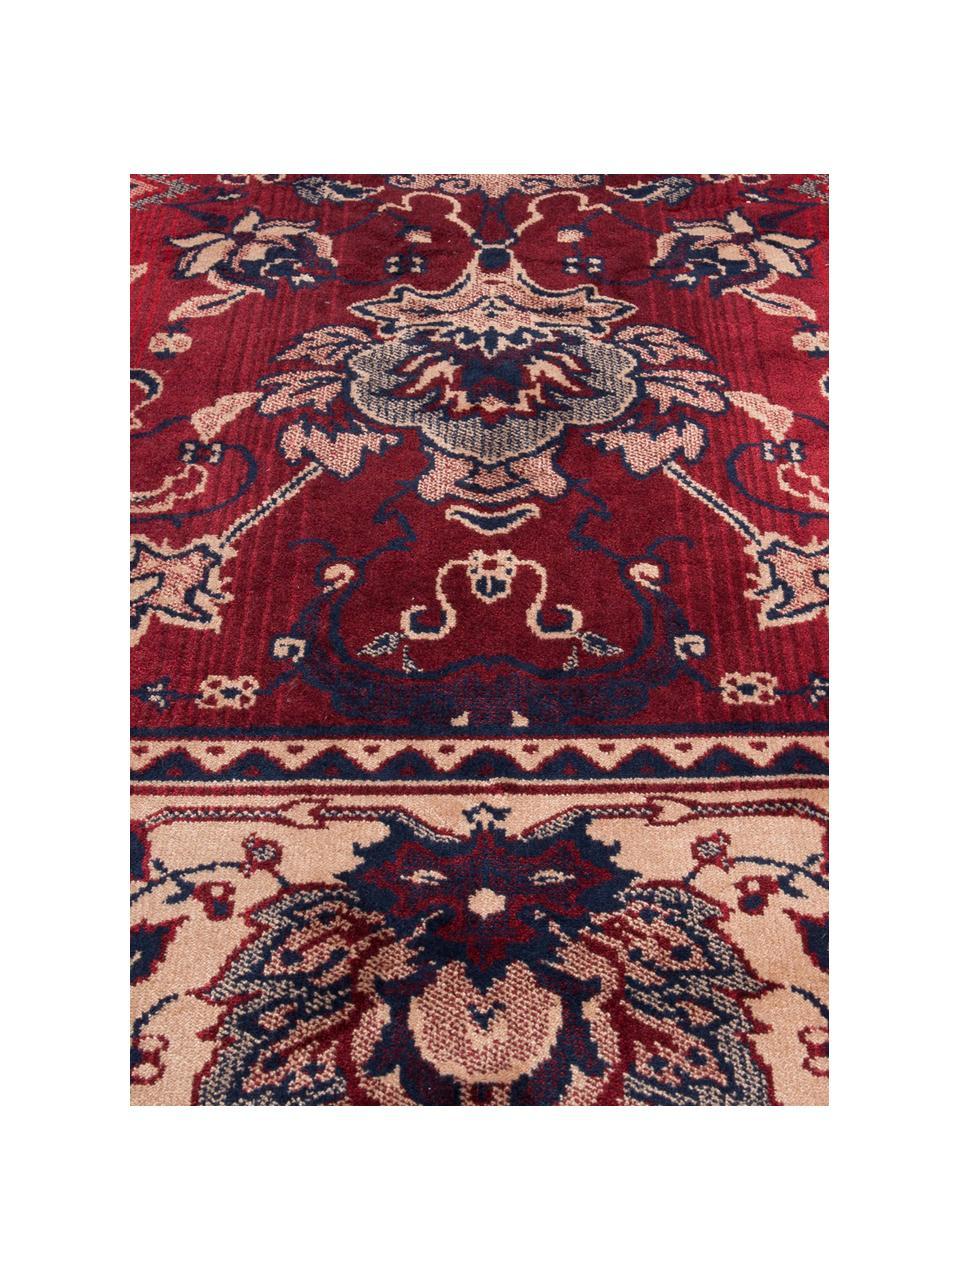 Teppich Bid mit Blumenmuster im Orient Style, Flor: 38% Viskose, 26% Baumwoll, Teppich: Rot- und BeigetöneFransen: Beige, B 170 x L 240 cm (Größe M)